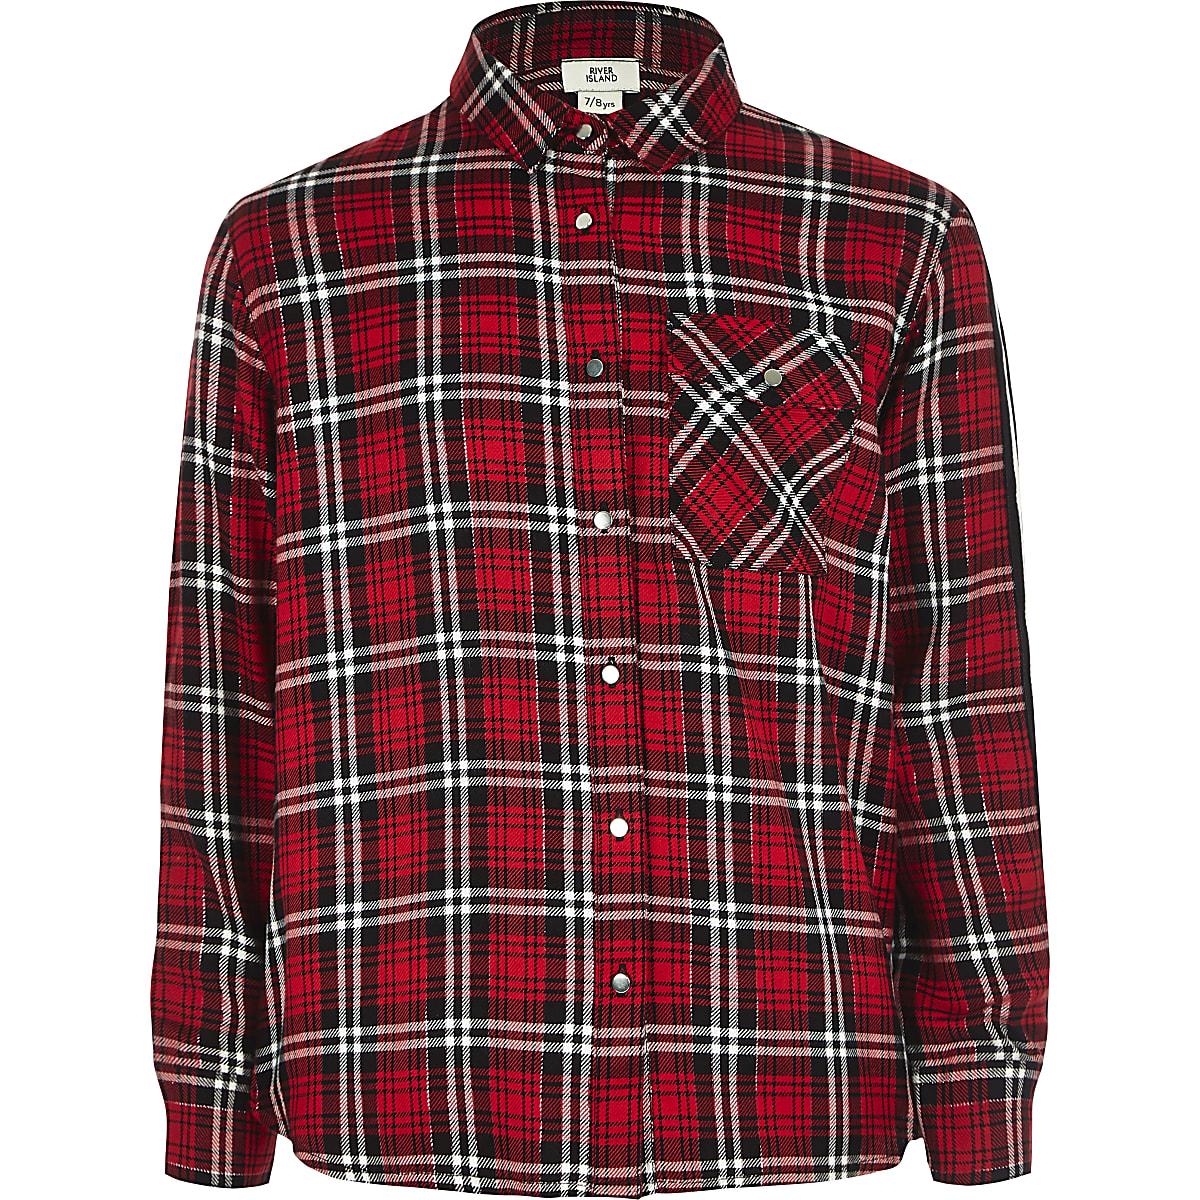 Rood geruit overhemd met bies opzij voor meisjes